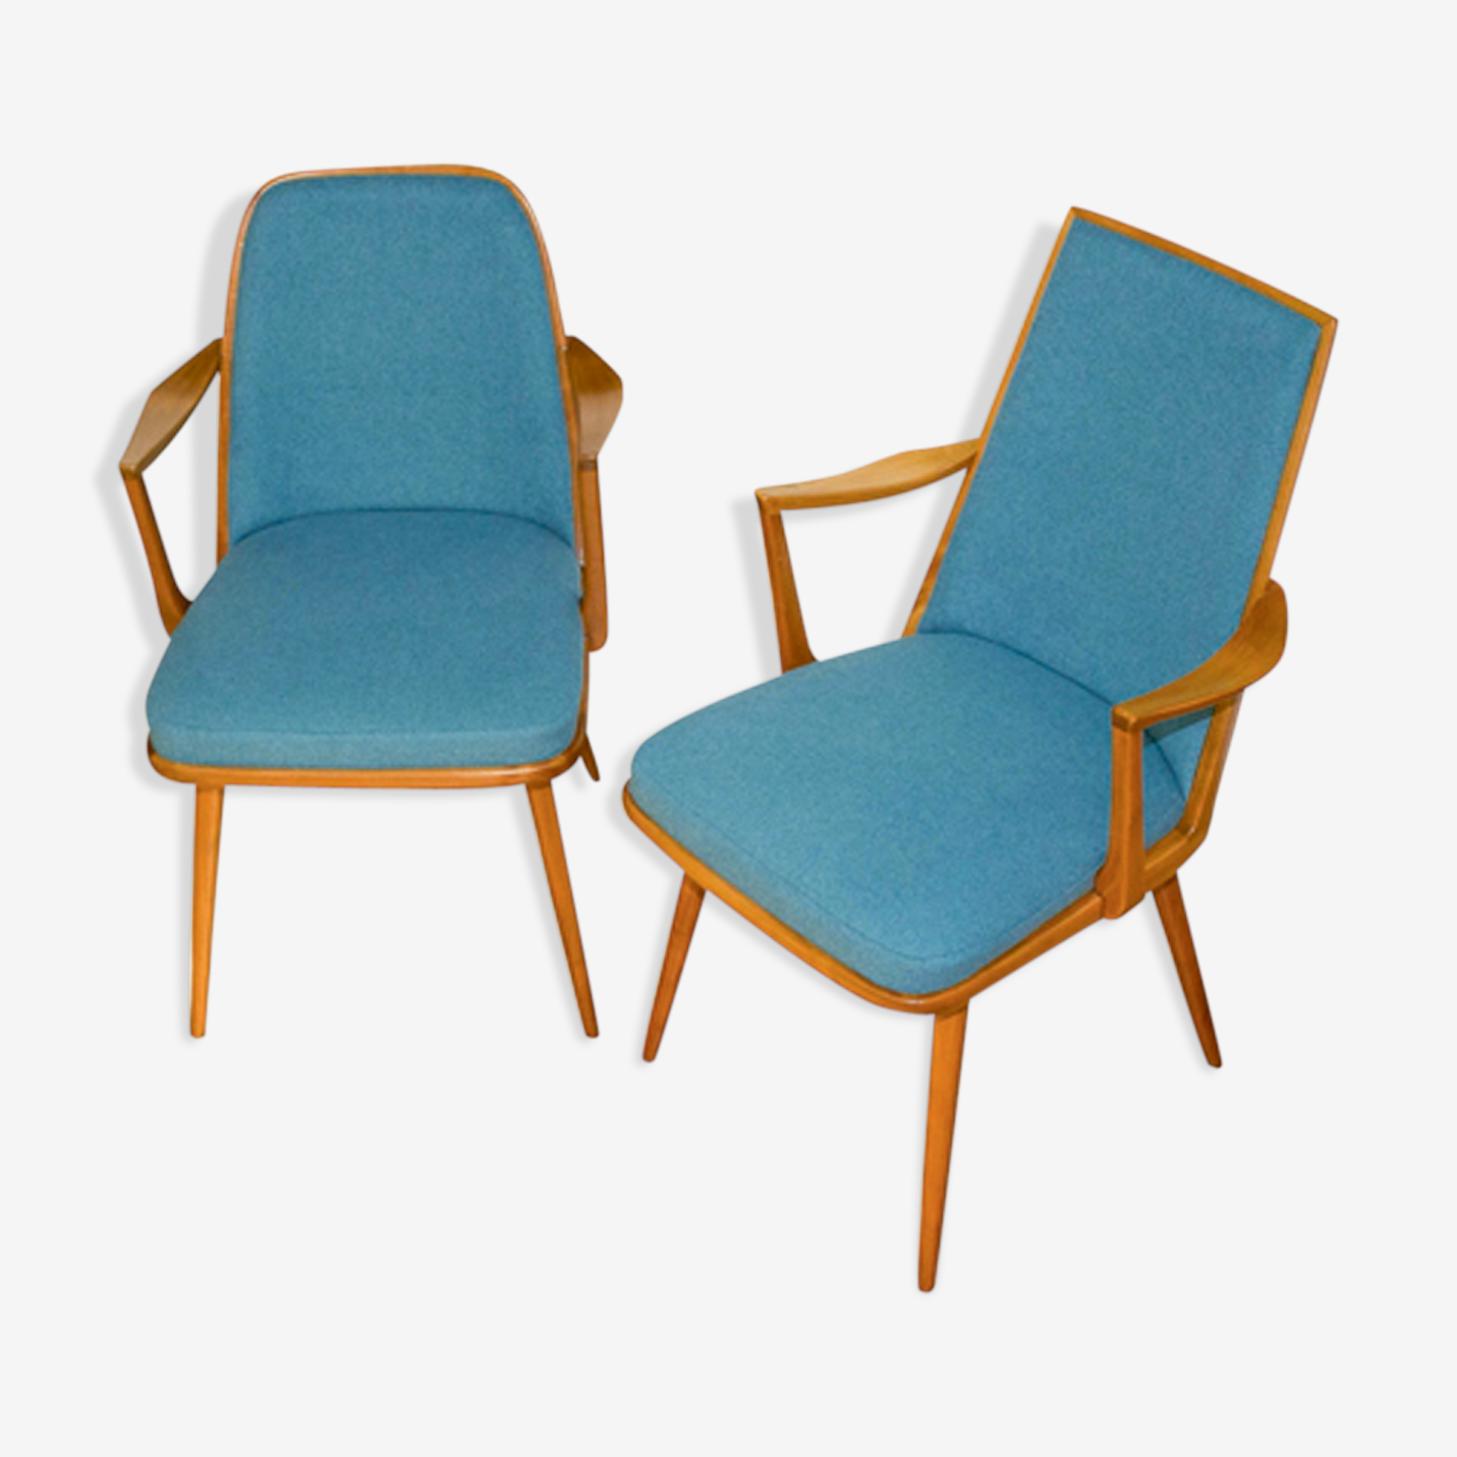 Pair of Danish chairs 1960